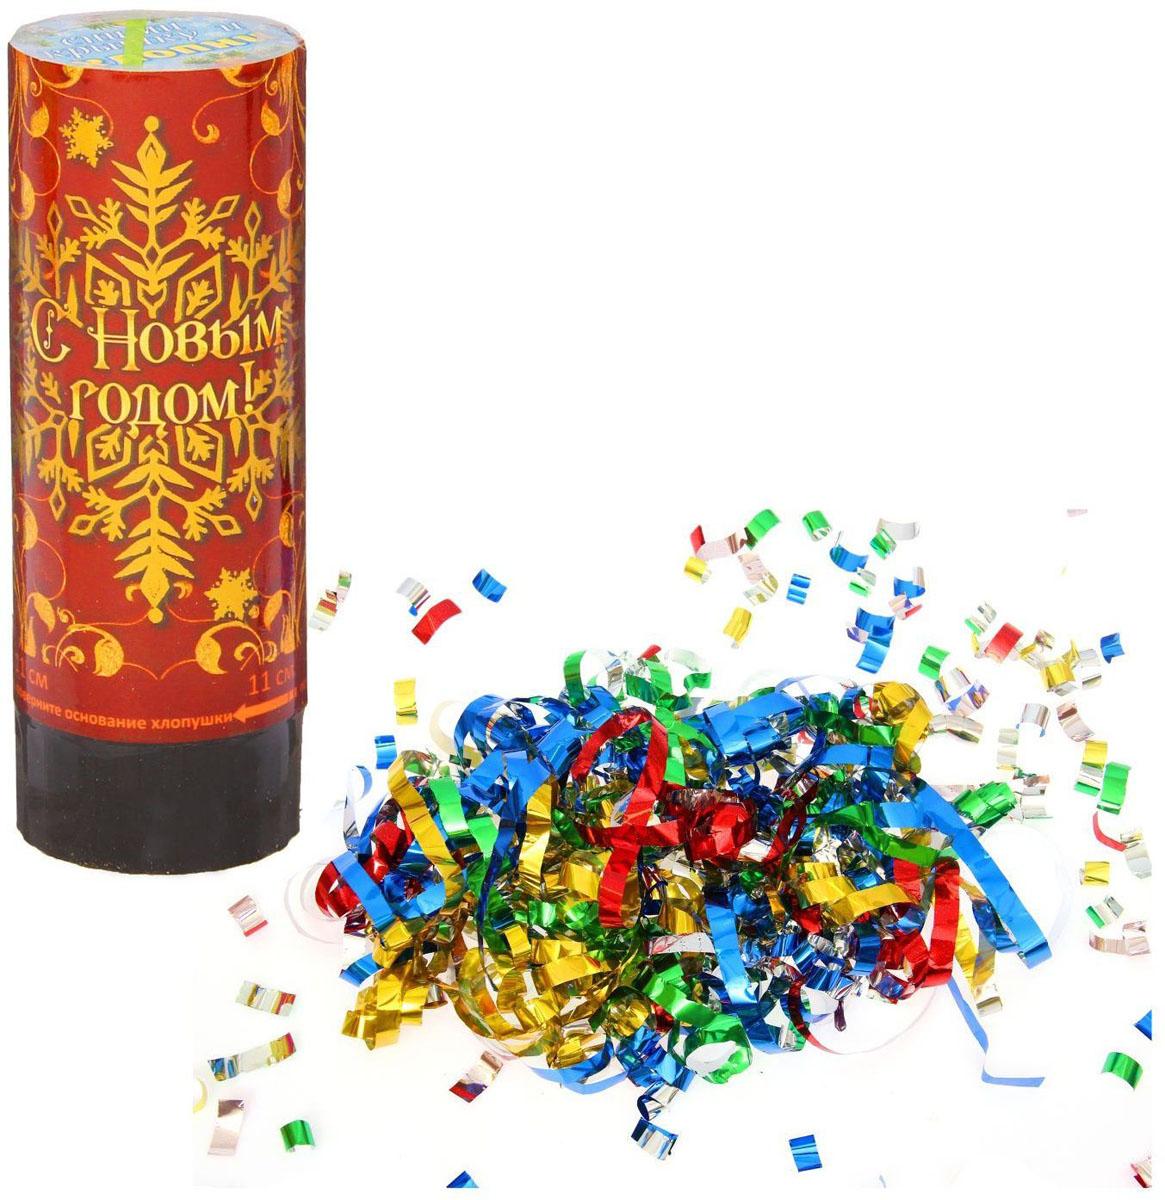 Хлопушка поворотная Страна Карнавалия С новым годом, цвет: бело-голубой, длина 11 см1076006Зажгите самую волшебную ночь года заводным весельем; устройте вечеринку и непременно встретьте бой курантов яркими фейерверками и хлопушками.Поворотная хлопушка С новым годом, конфетти + фольга серпантин с авторским новогодним принтом станет вашей маленькой помощницей в создании праздника. Удивите друзей и родных разноцветным взрывом радости, в виде серпантина и конфетти. На изделии есть подробная инструкция по применению.Чтобы гости не скучали, раздайте им по хлопушке и вселитесь от души!Длина: 11 см.